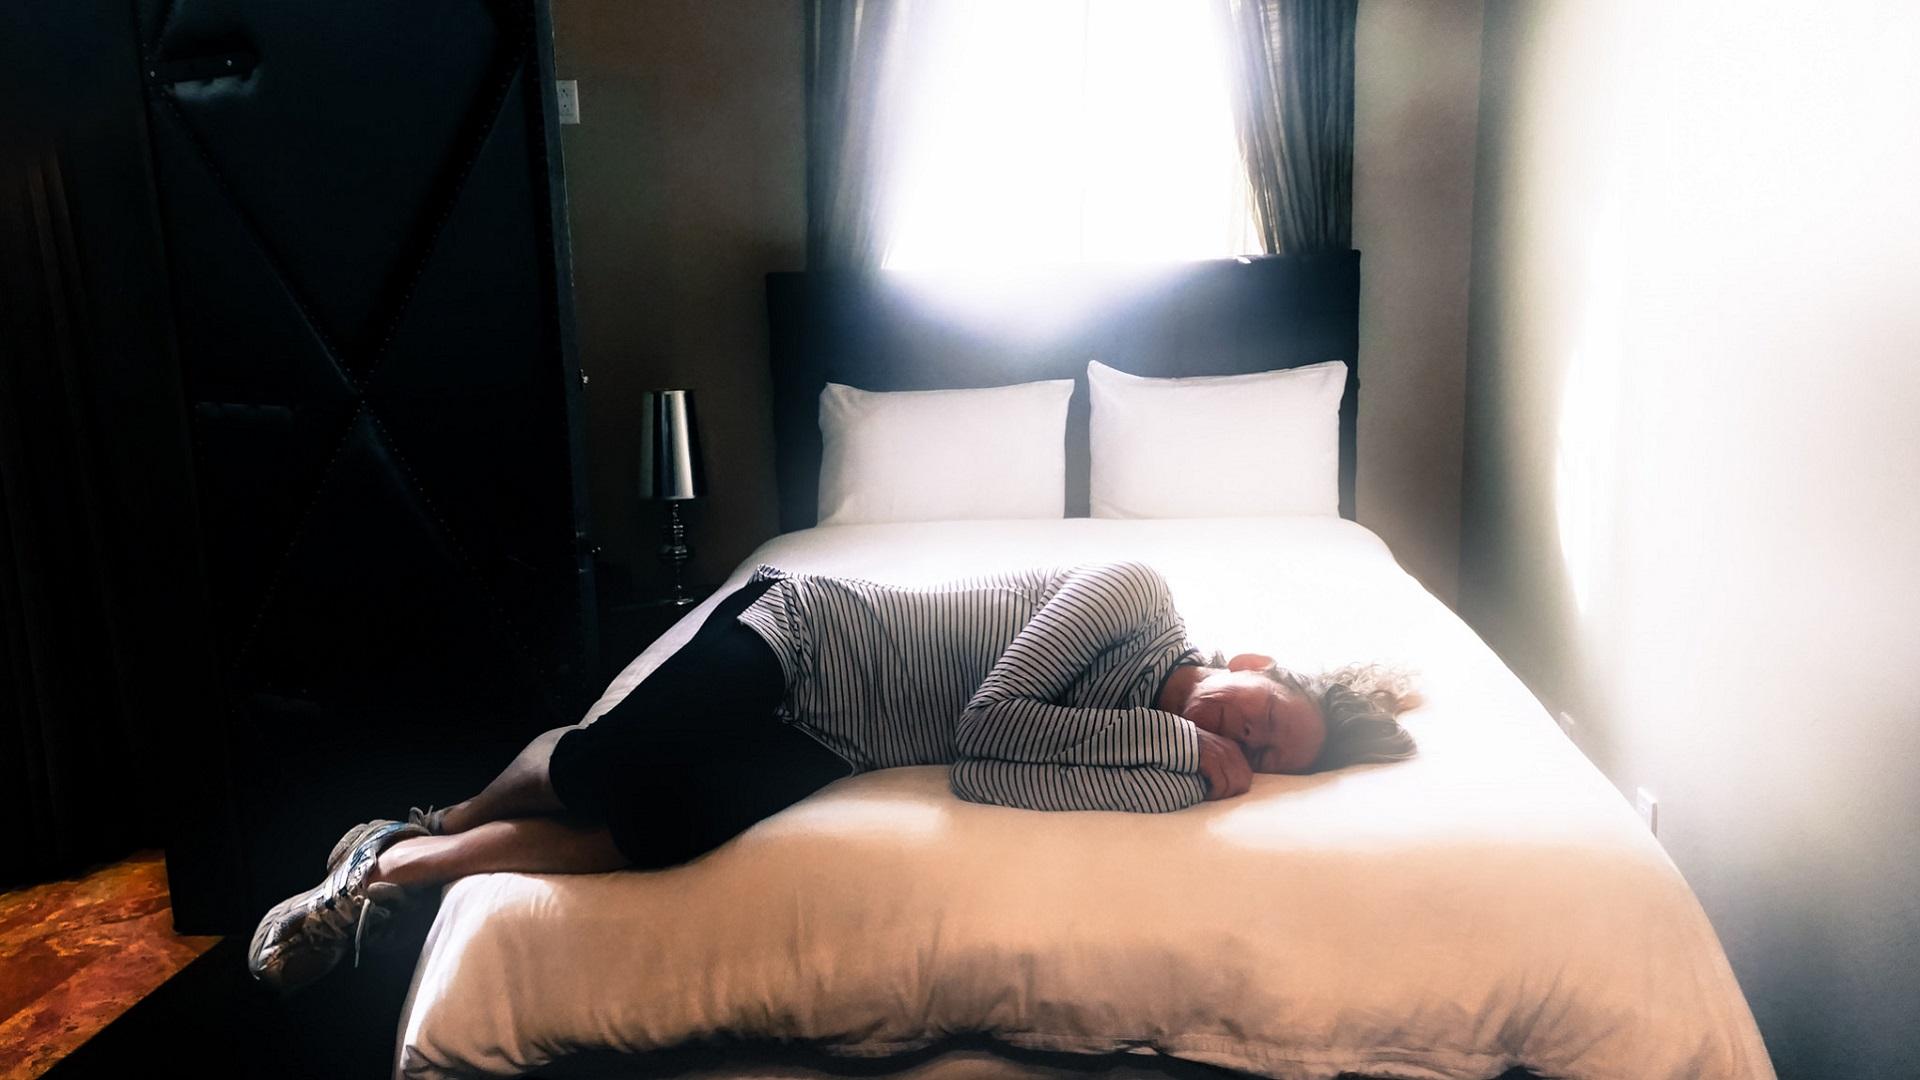 Dormir bien, una actividad necesaria para limpiar el cerebro